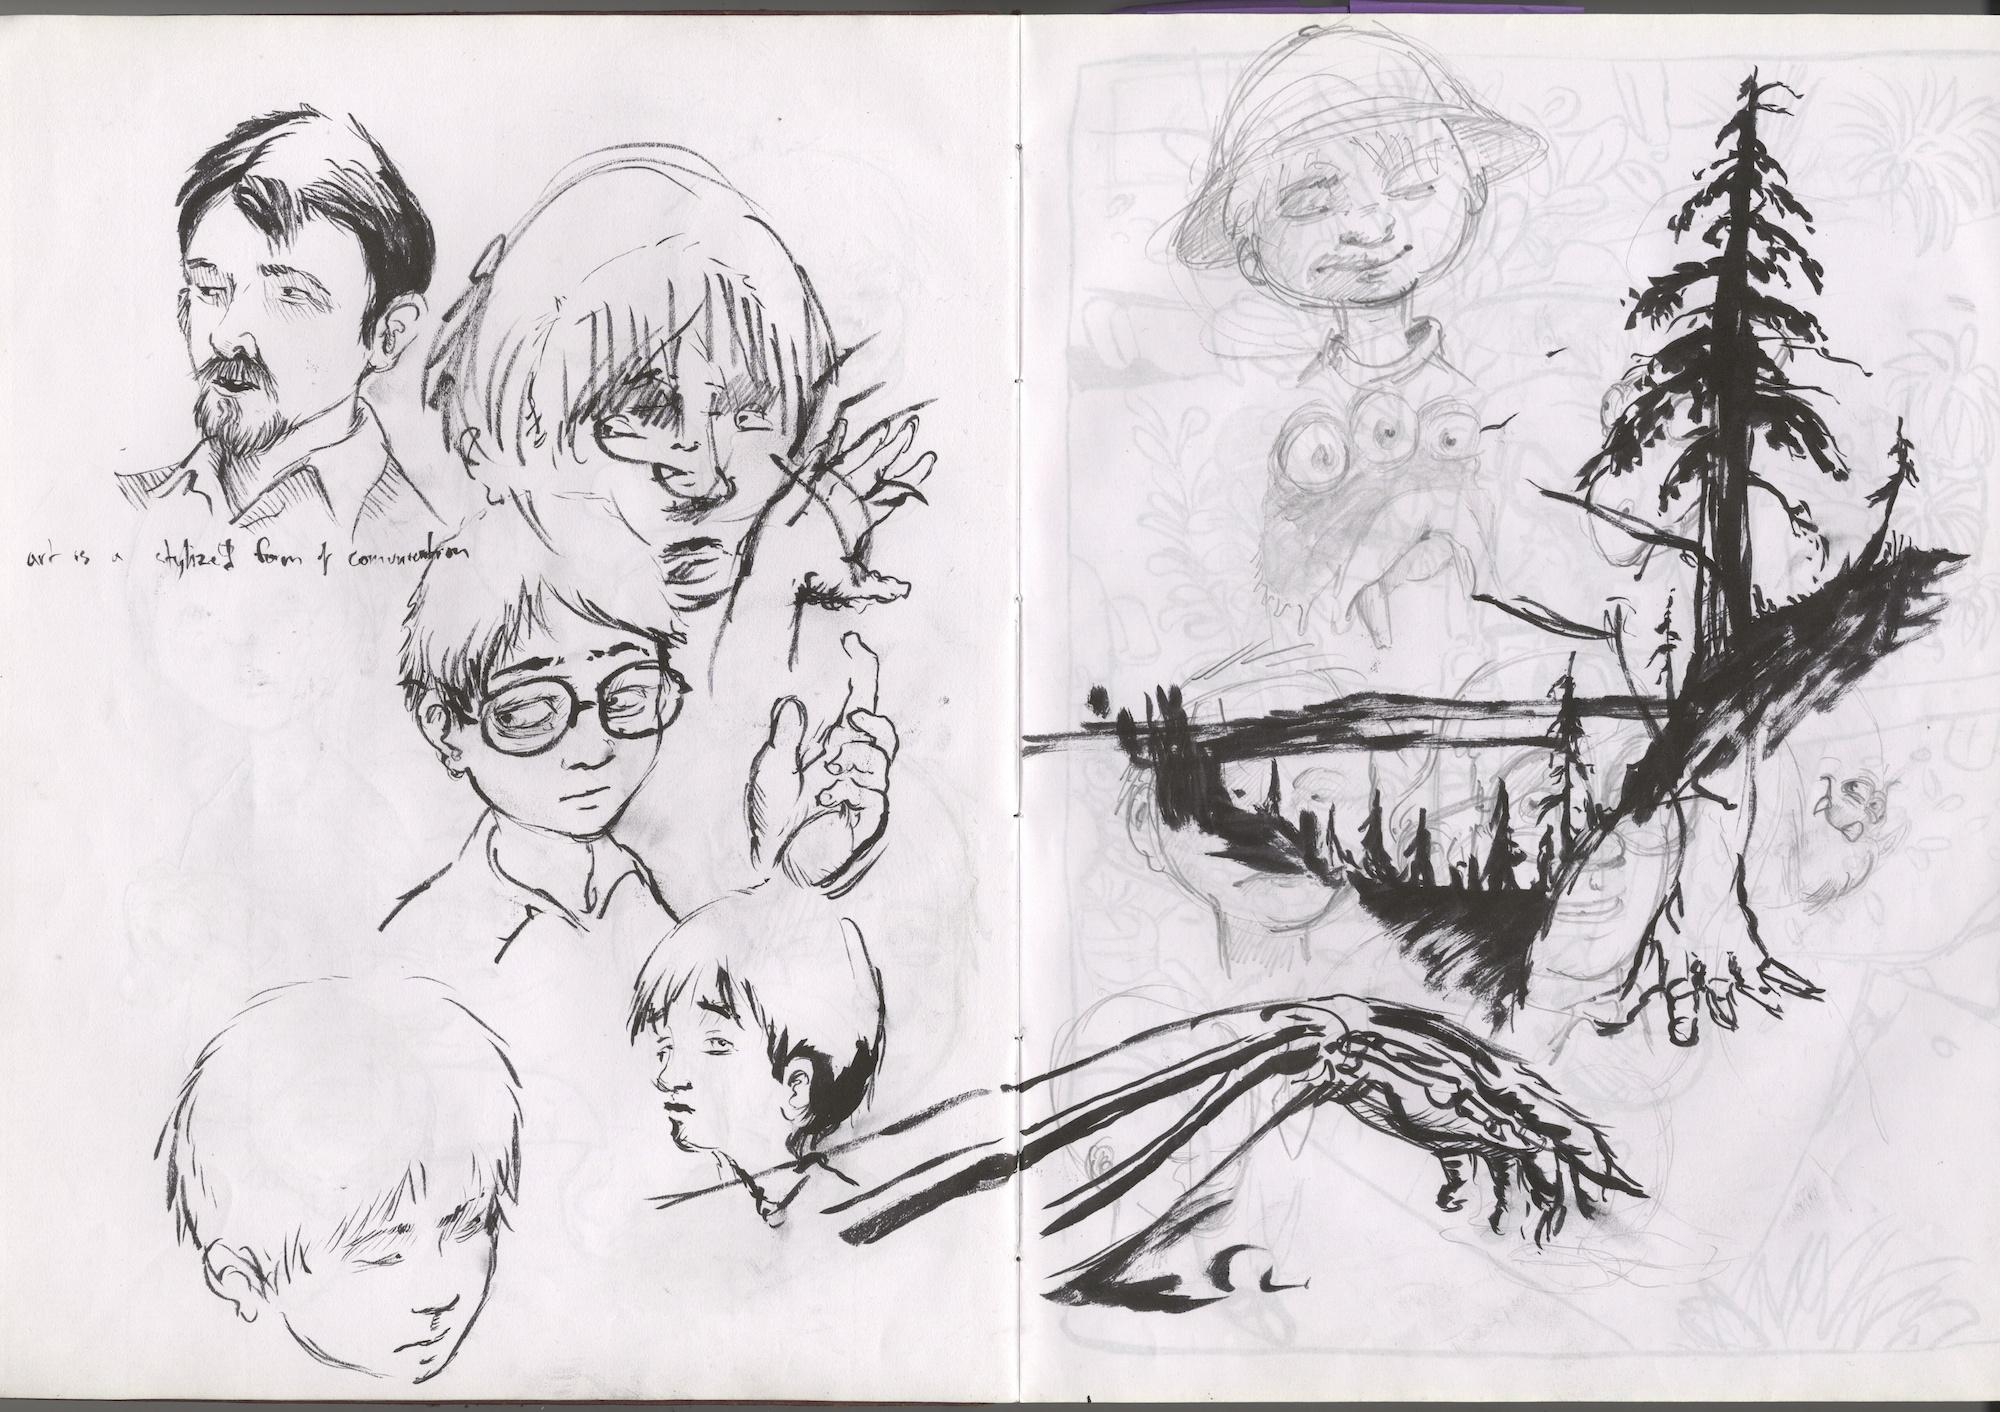 ink doddles